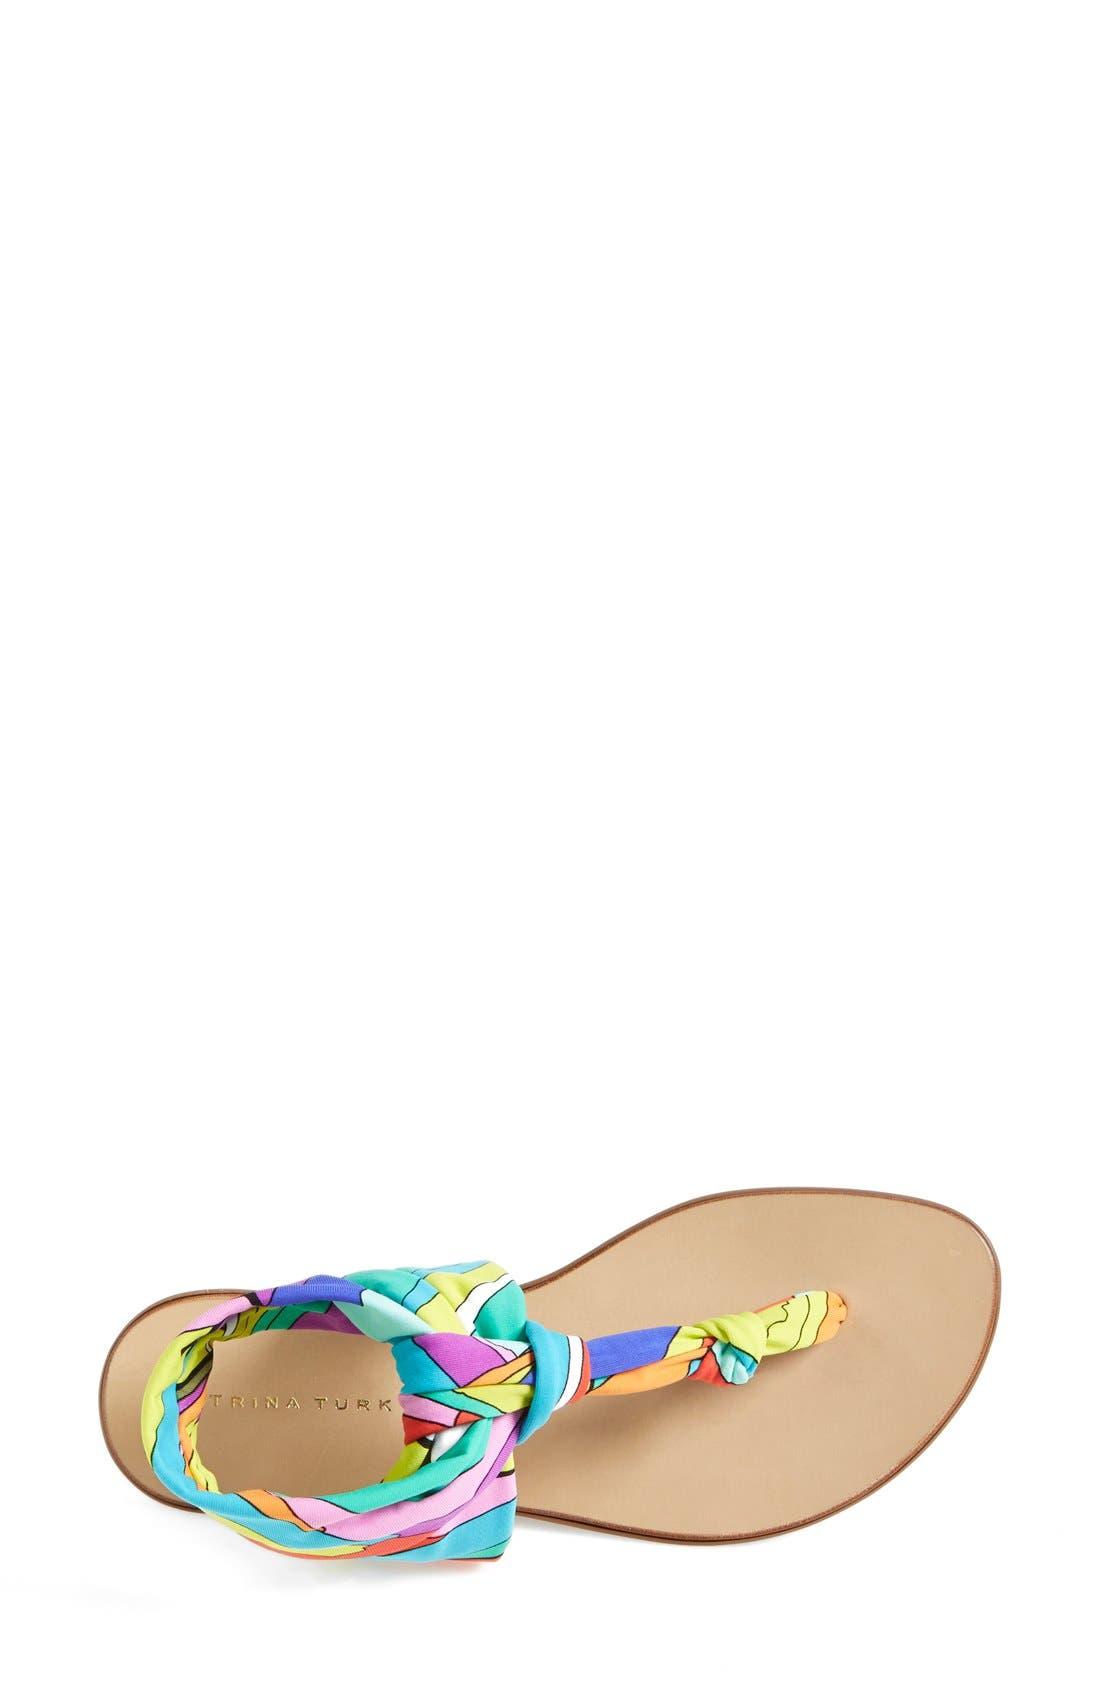 Alternate Image 3  - Trina Turk 'Titus' Thong Sandal (Women)